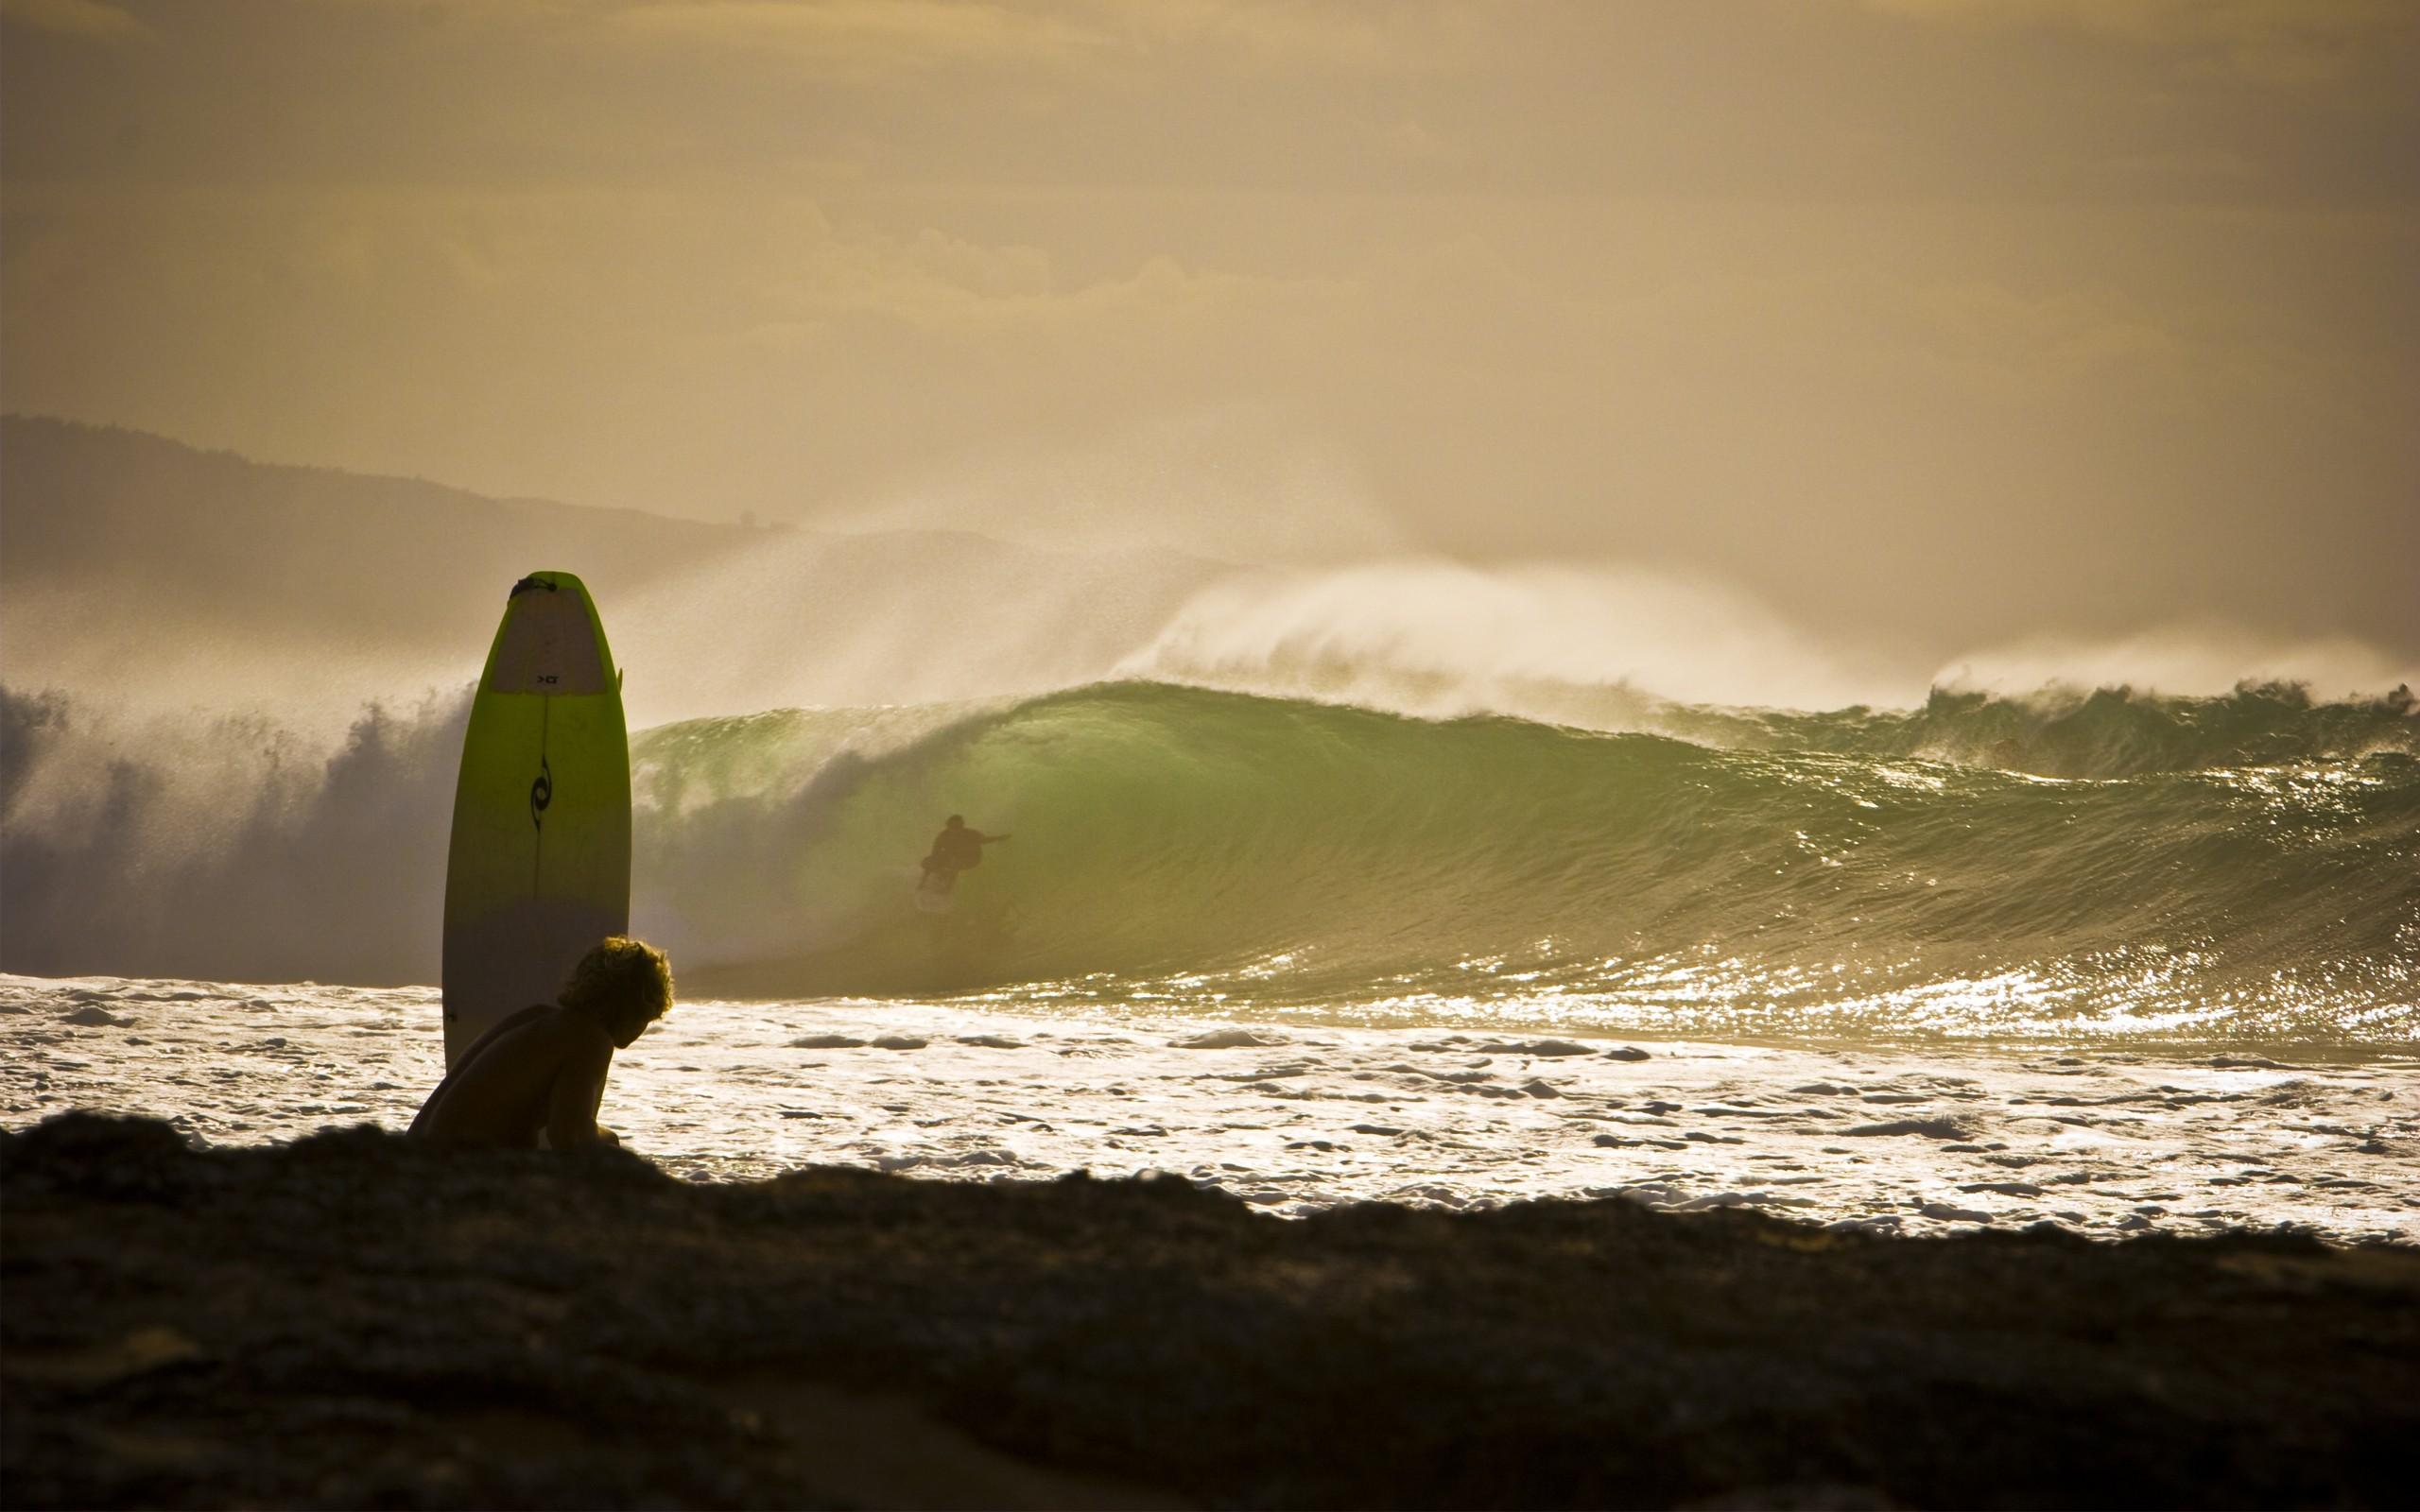 Surfing Wallpaper 2560x1600 Surfing 2560x1600